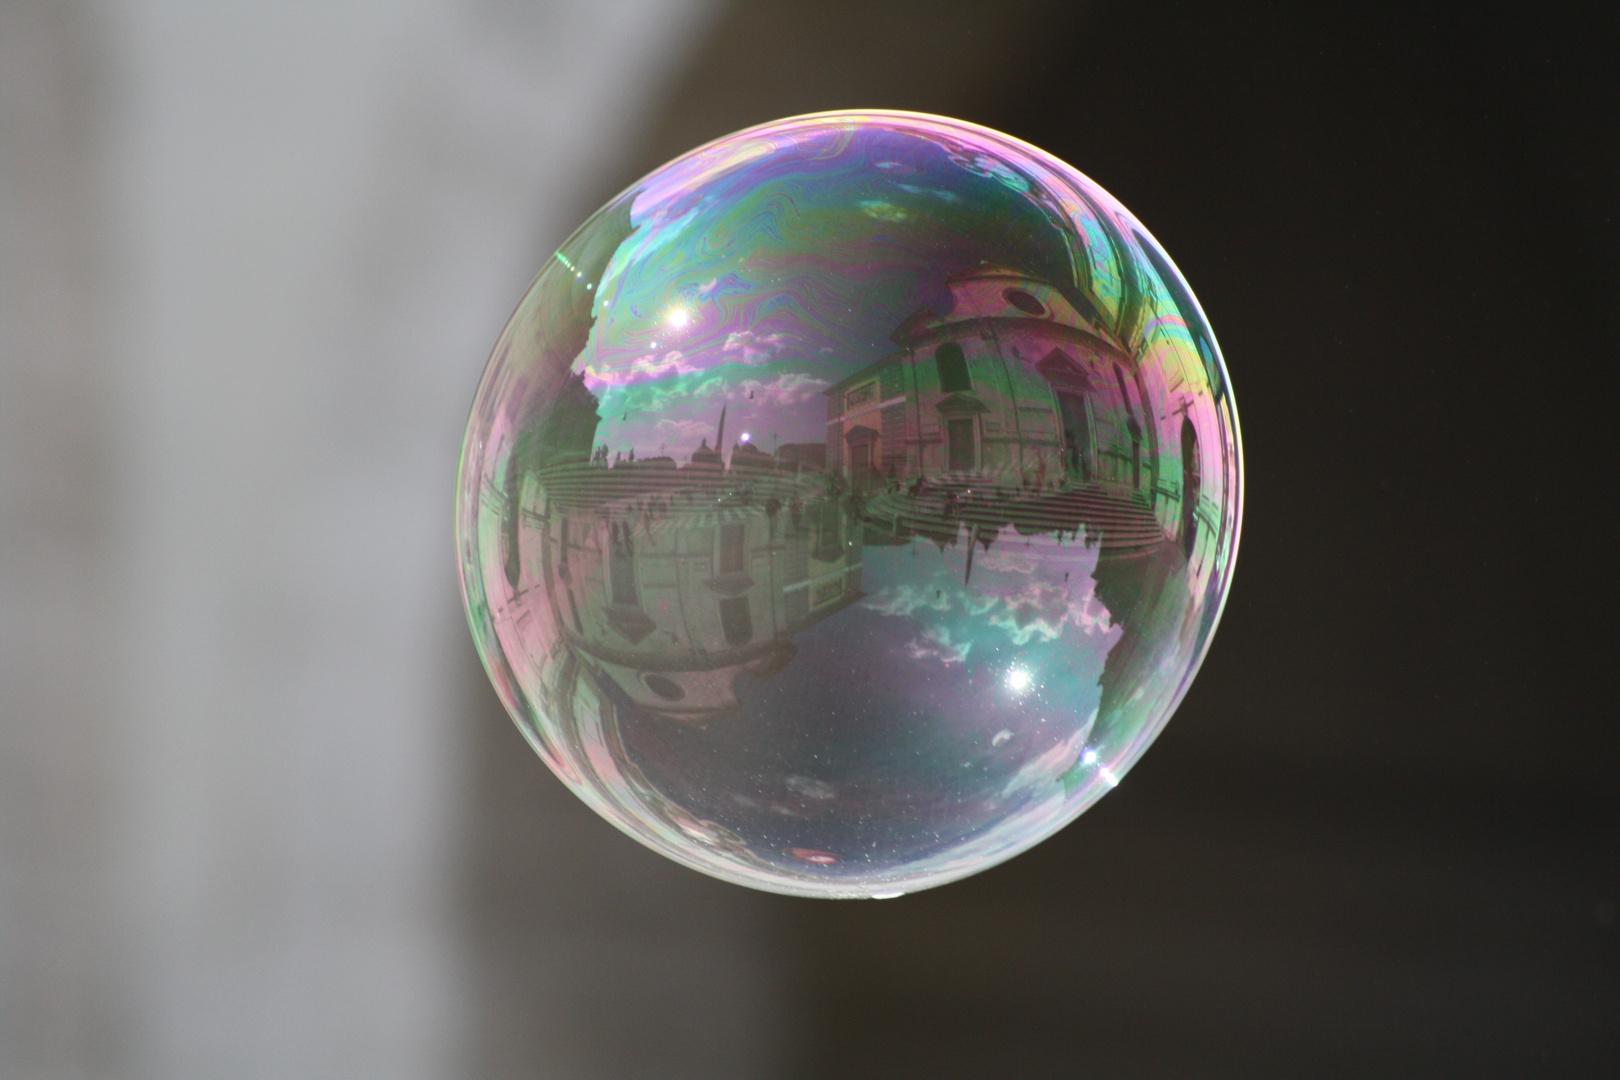 Piazza del Popolo in the bubble